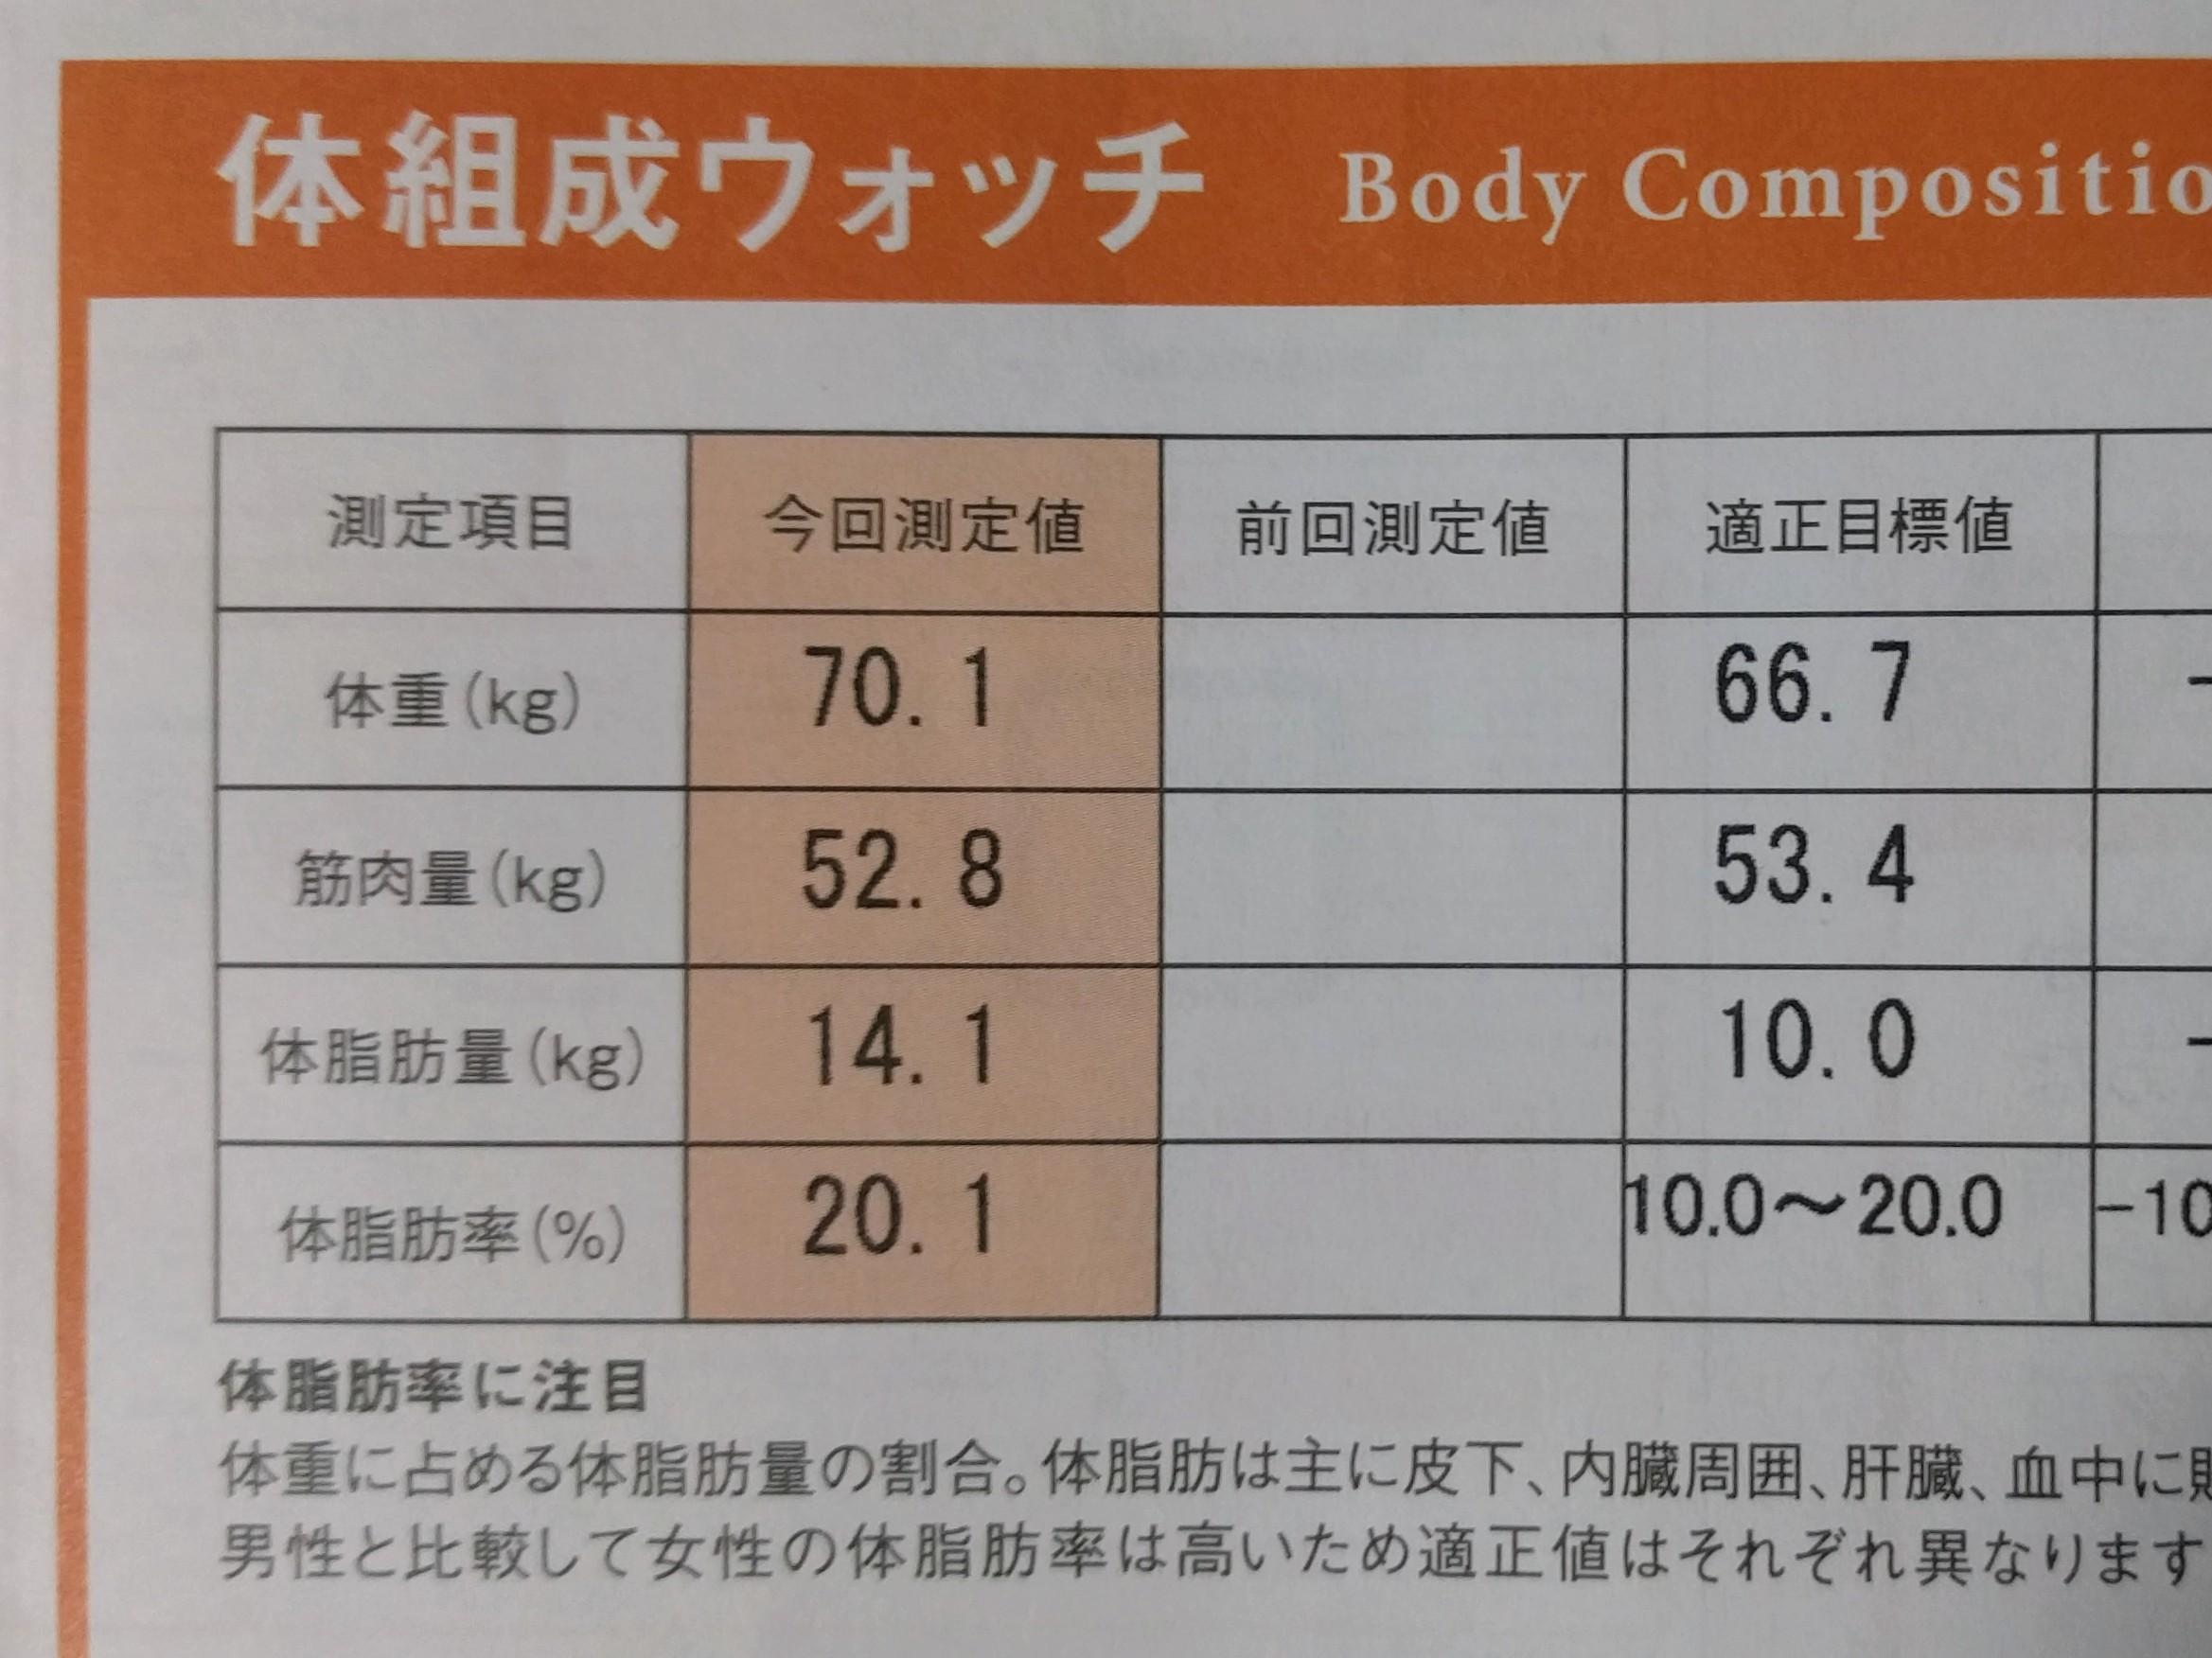 体脂肪を減らし筋量をあげる計画2 (再スタート)